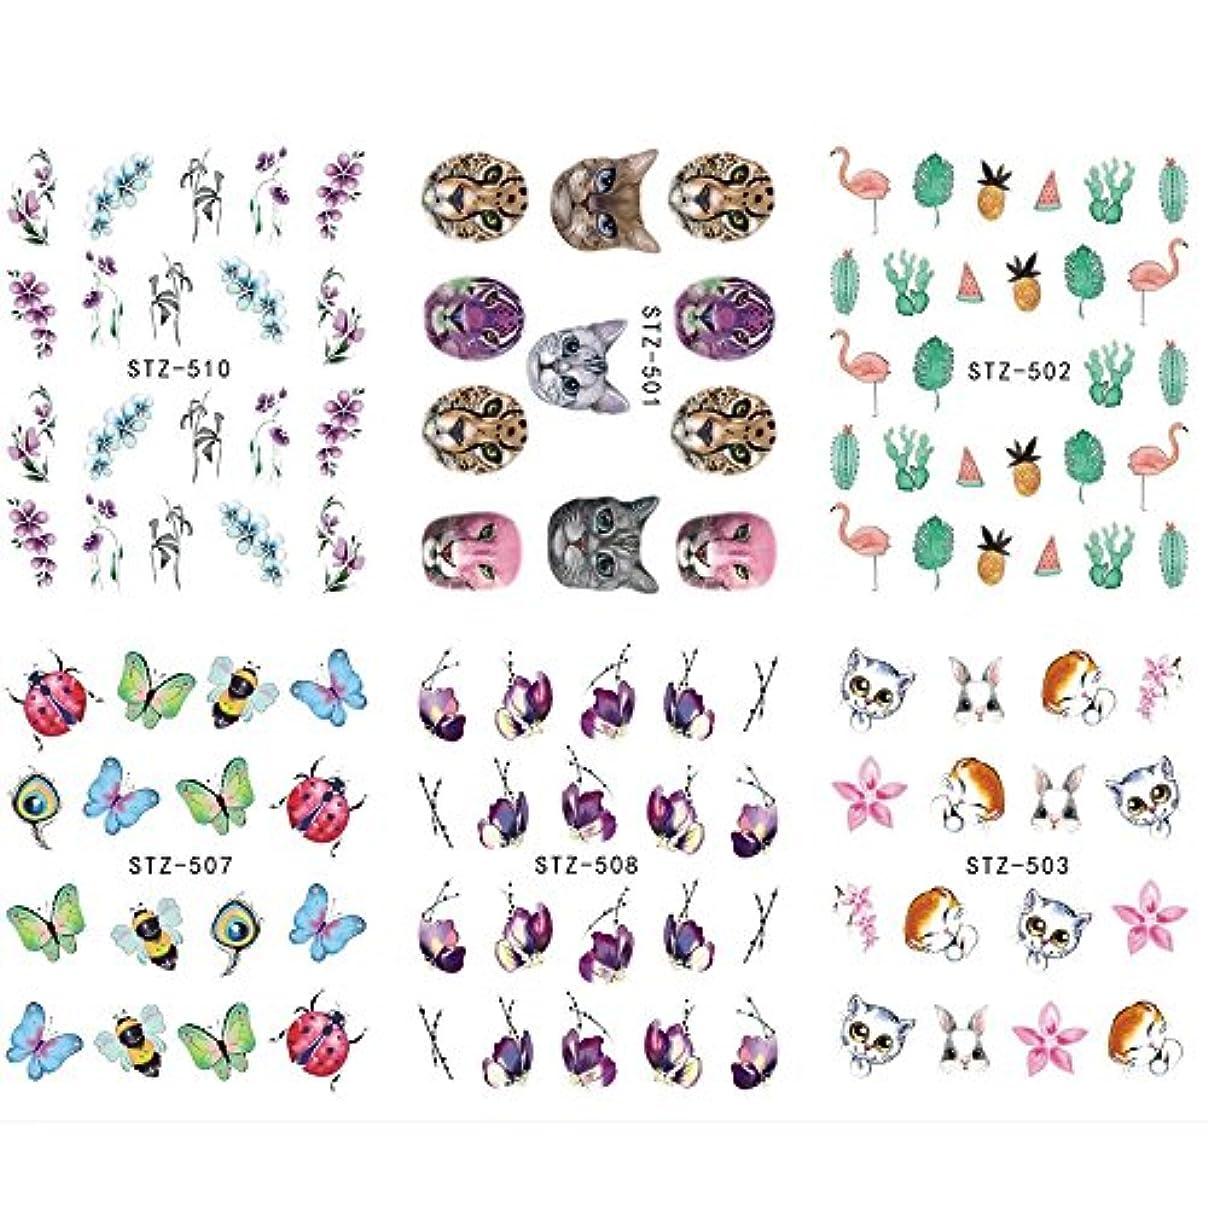 文字対抗メディックSUKTI&XIAO ネイルステッカー 12ピース花植物動物ネイルアートステッカー水転写デカールスライダータトゥーフルカバーラップツールの装飾